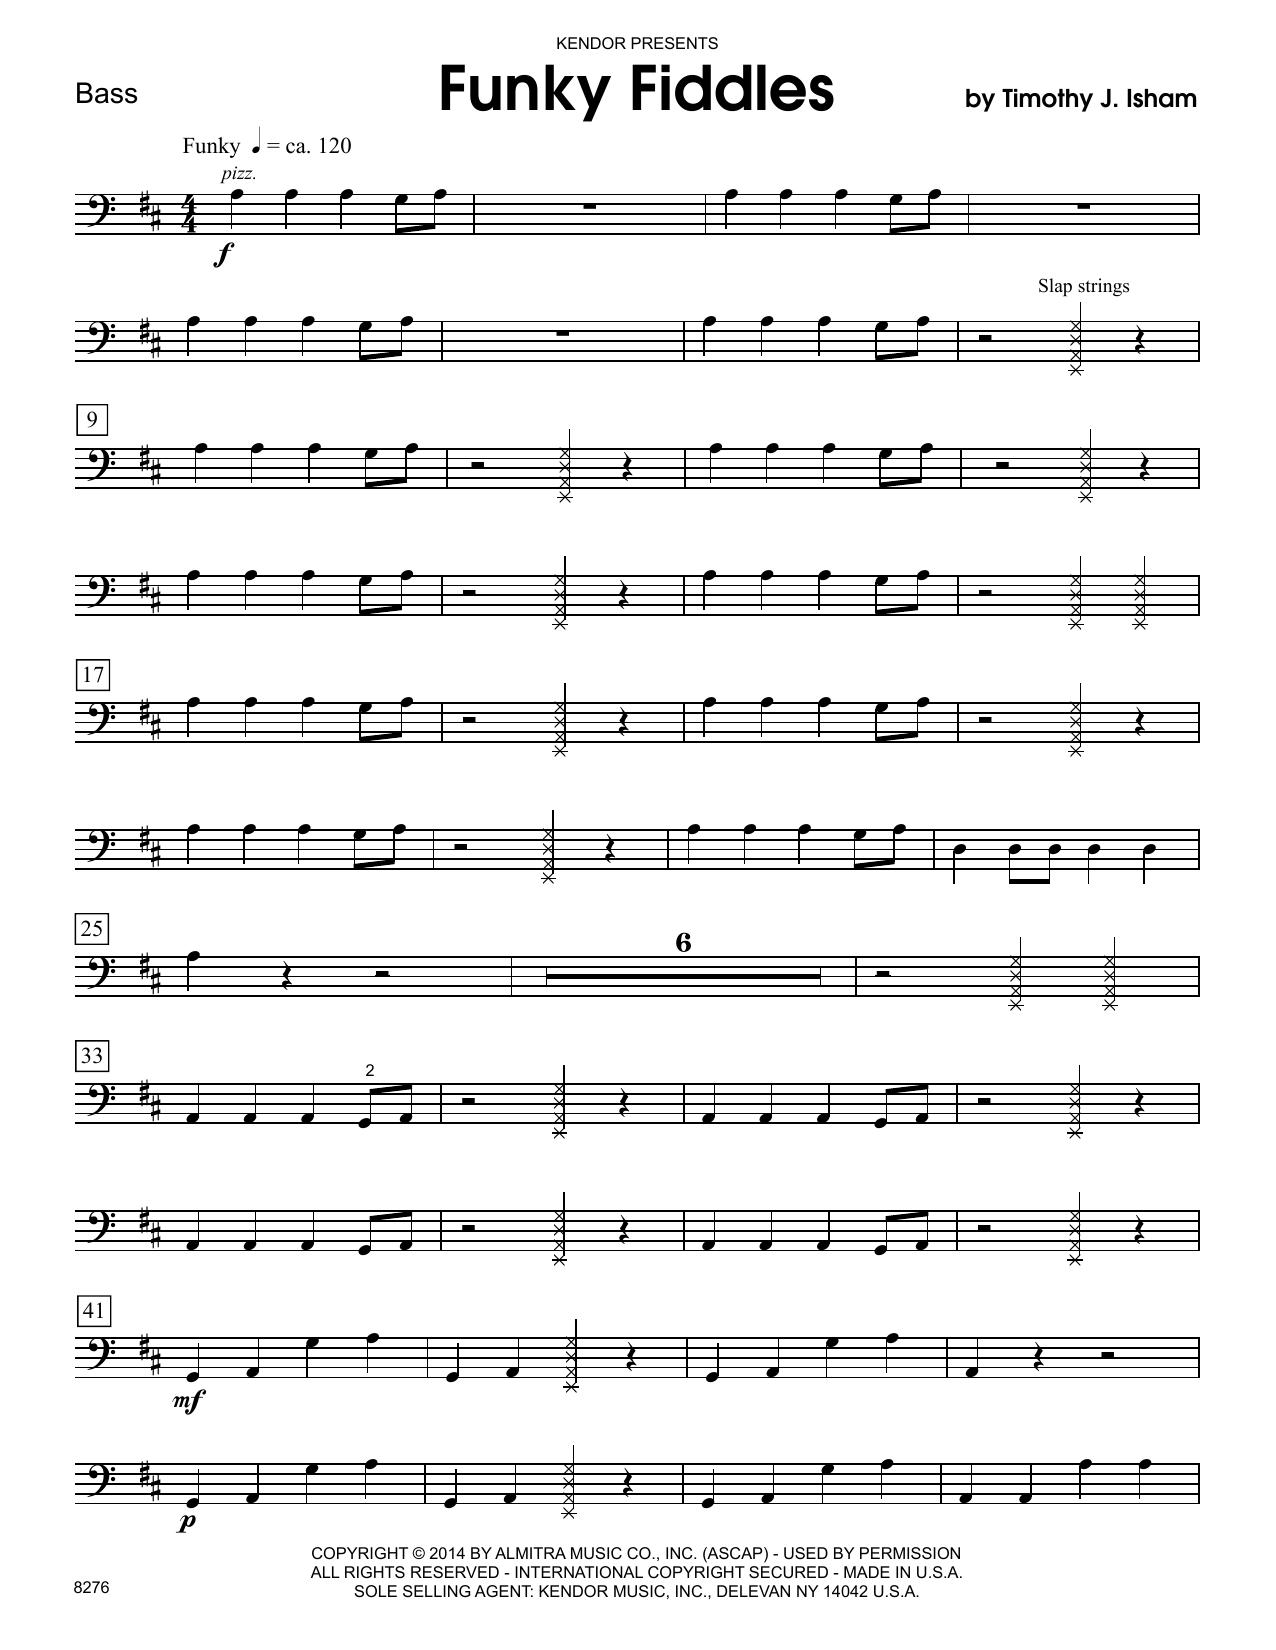 Funky Fiddles - Bass Sheet Music